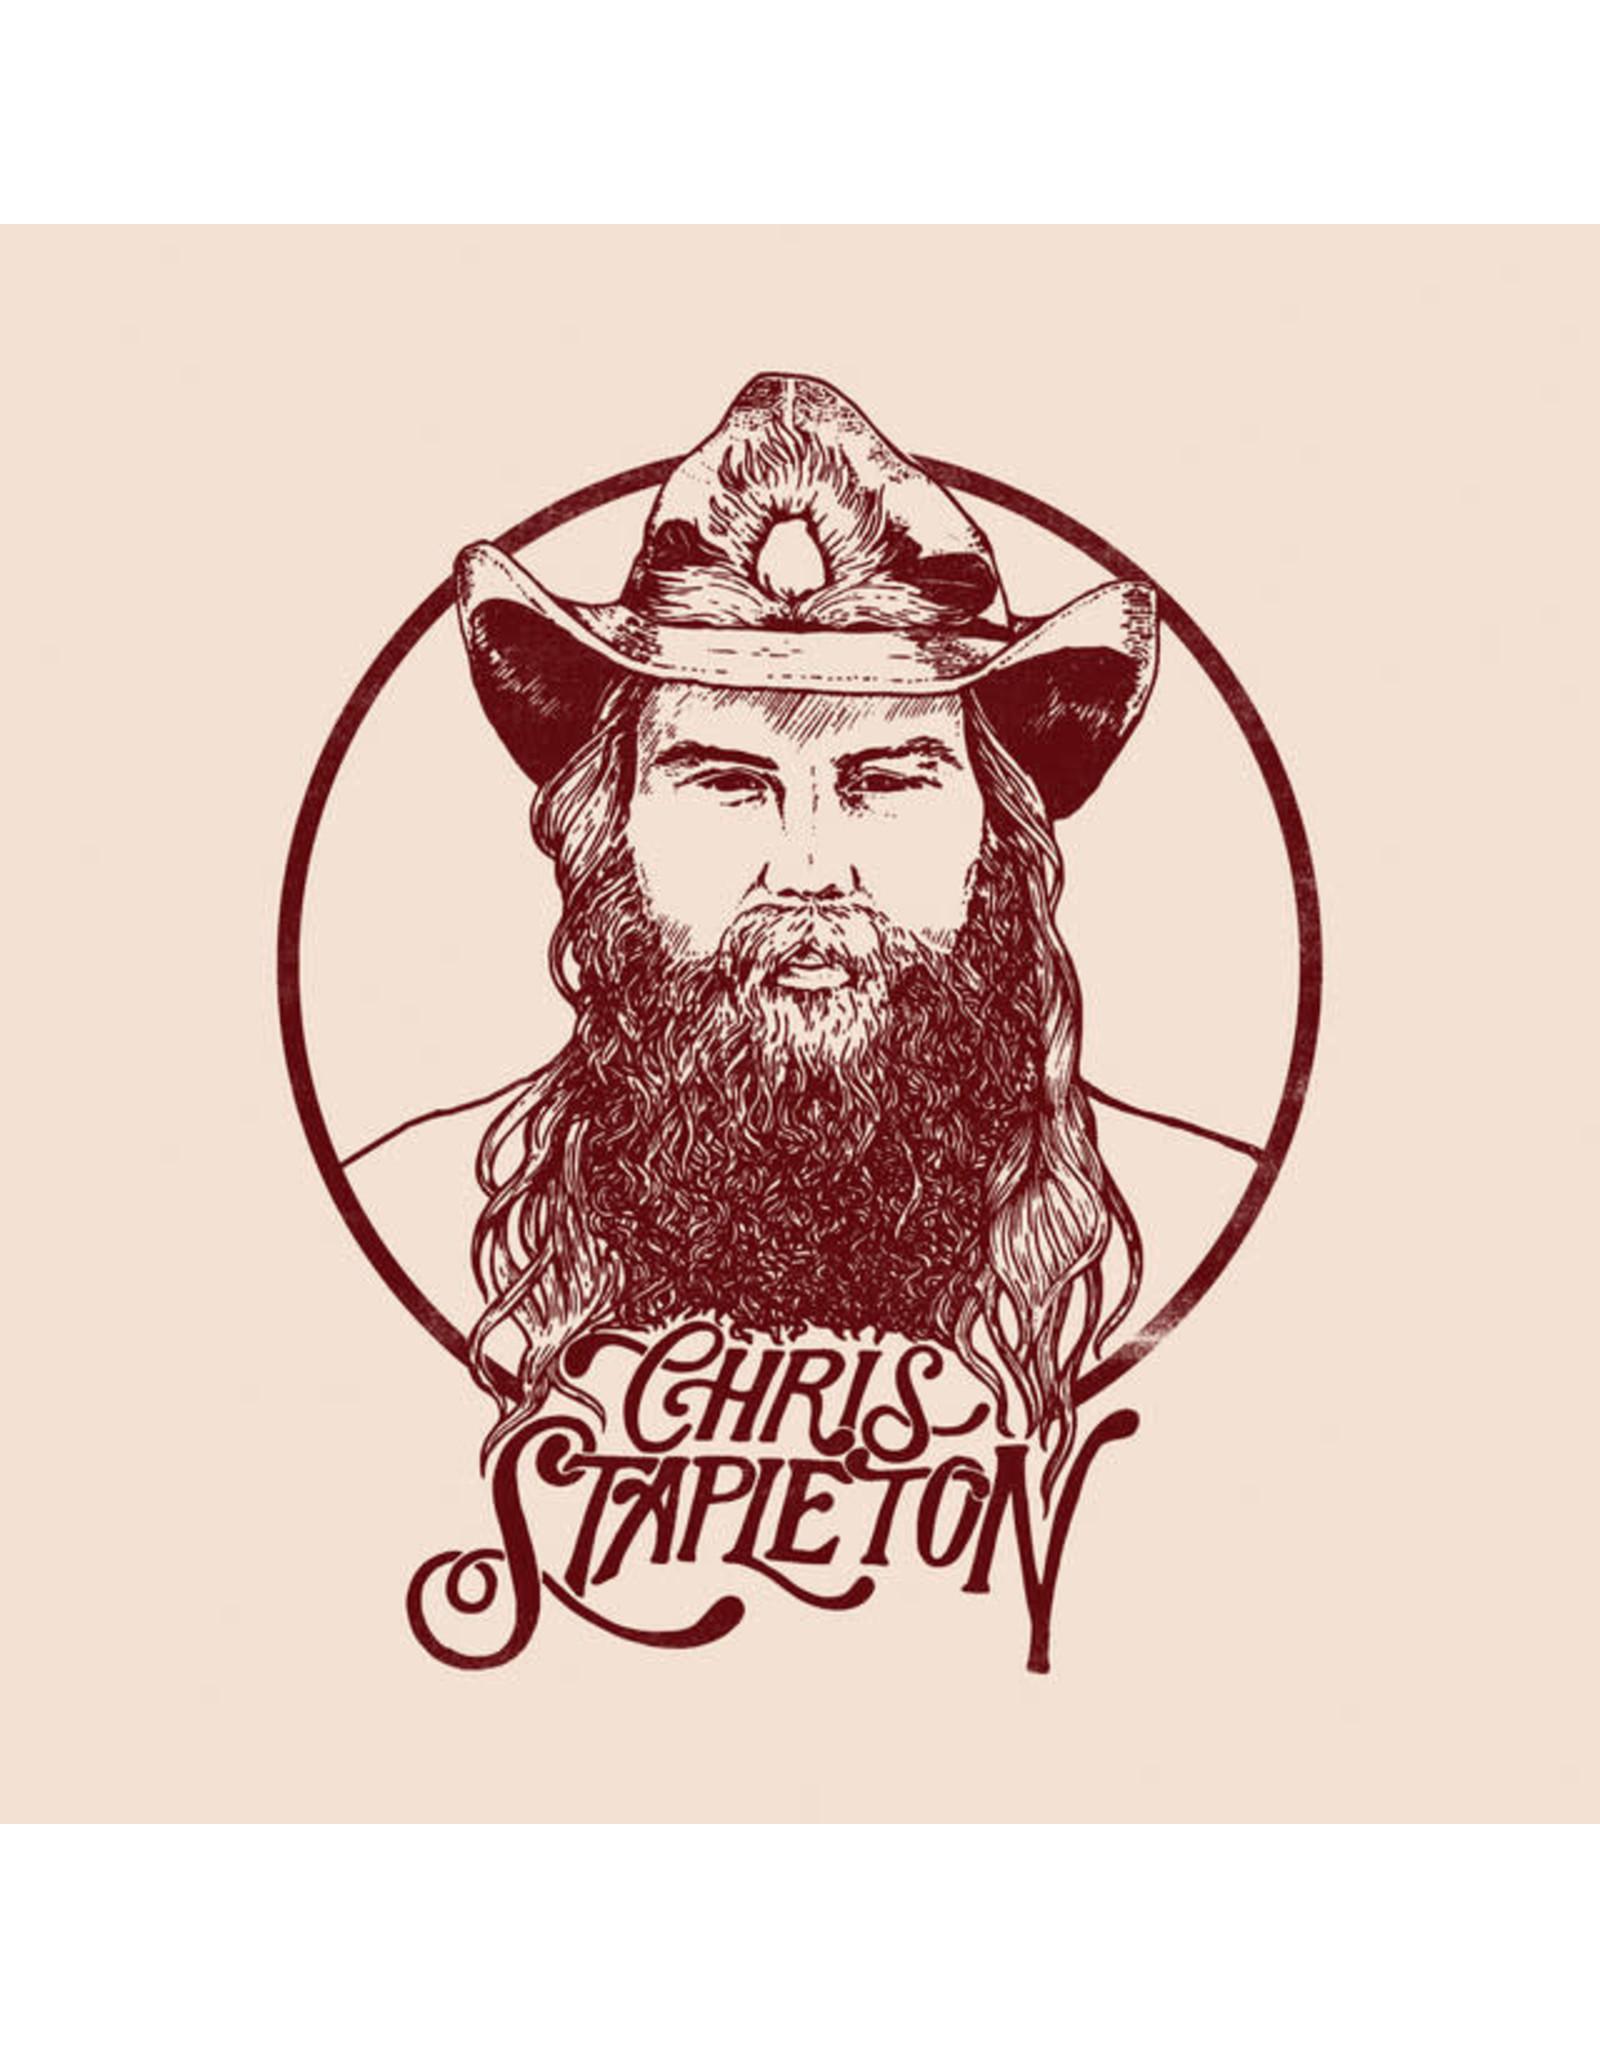 Vinyl Chris Stapleton - From A Room Vol.1